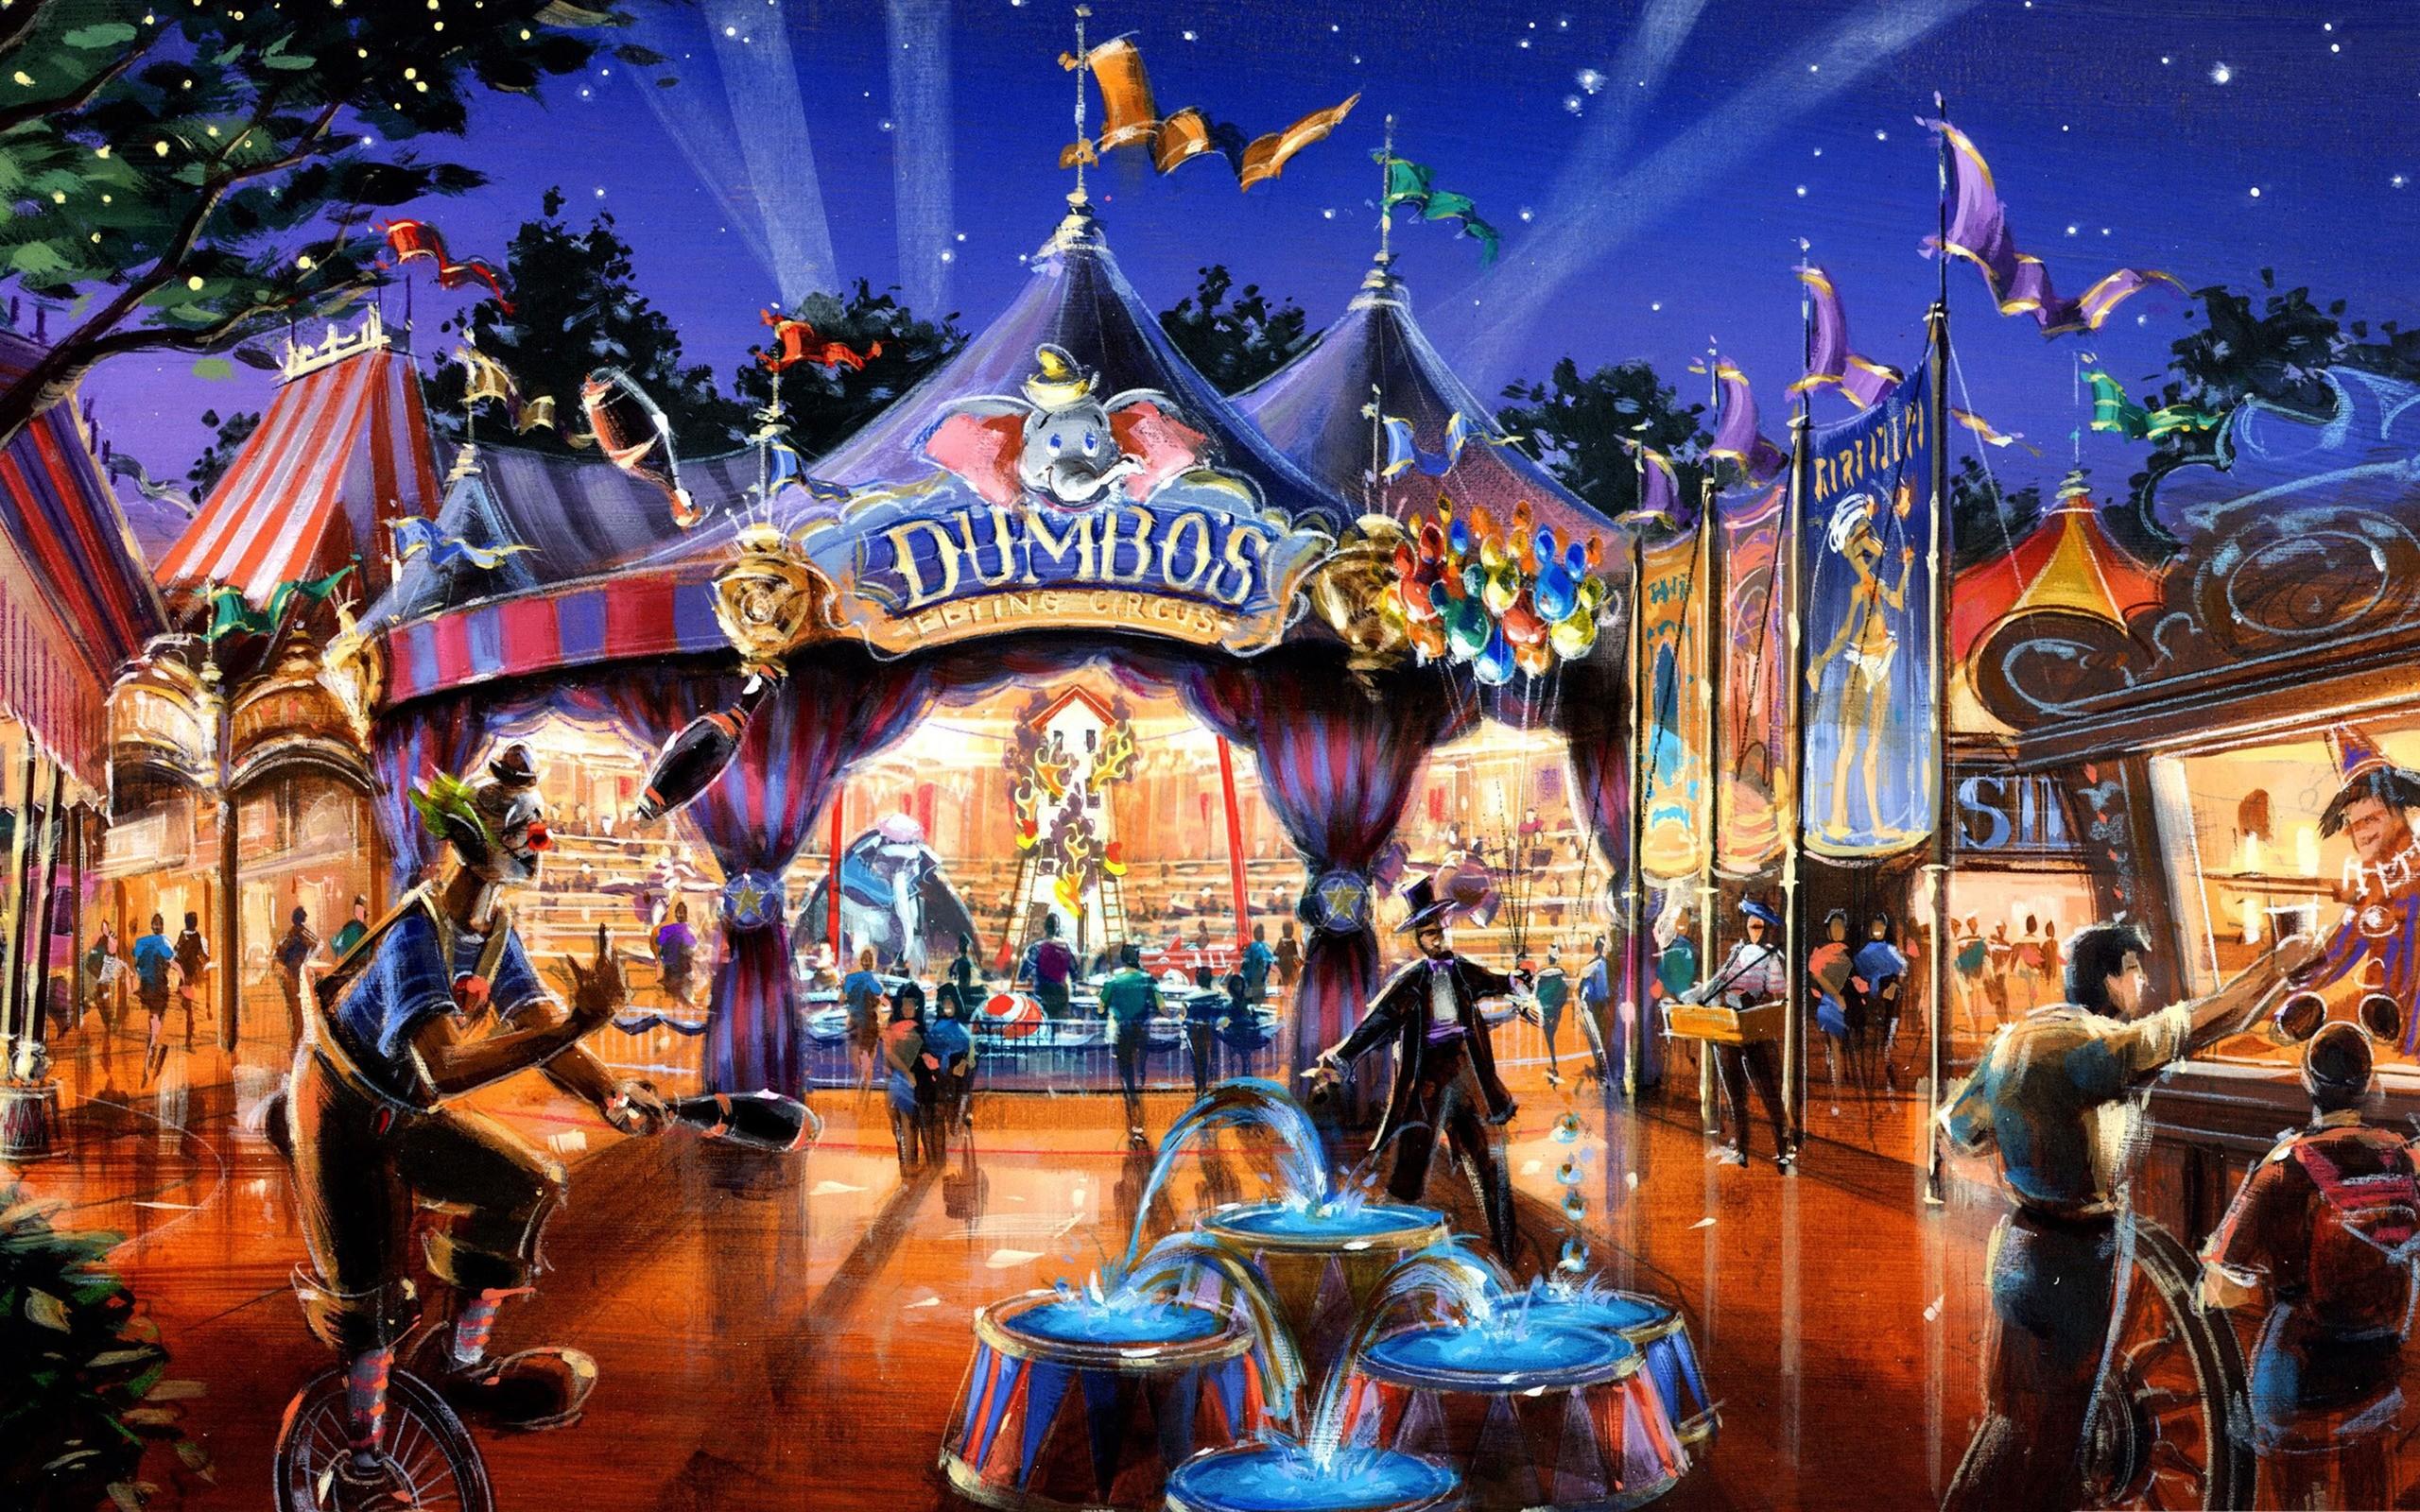 Res: 2560x1600, Disney Character Widescreen HD Wallpaper.